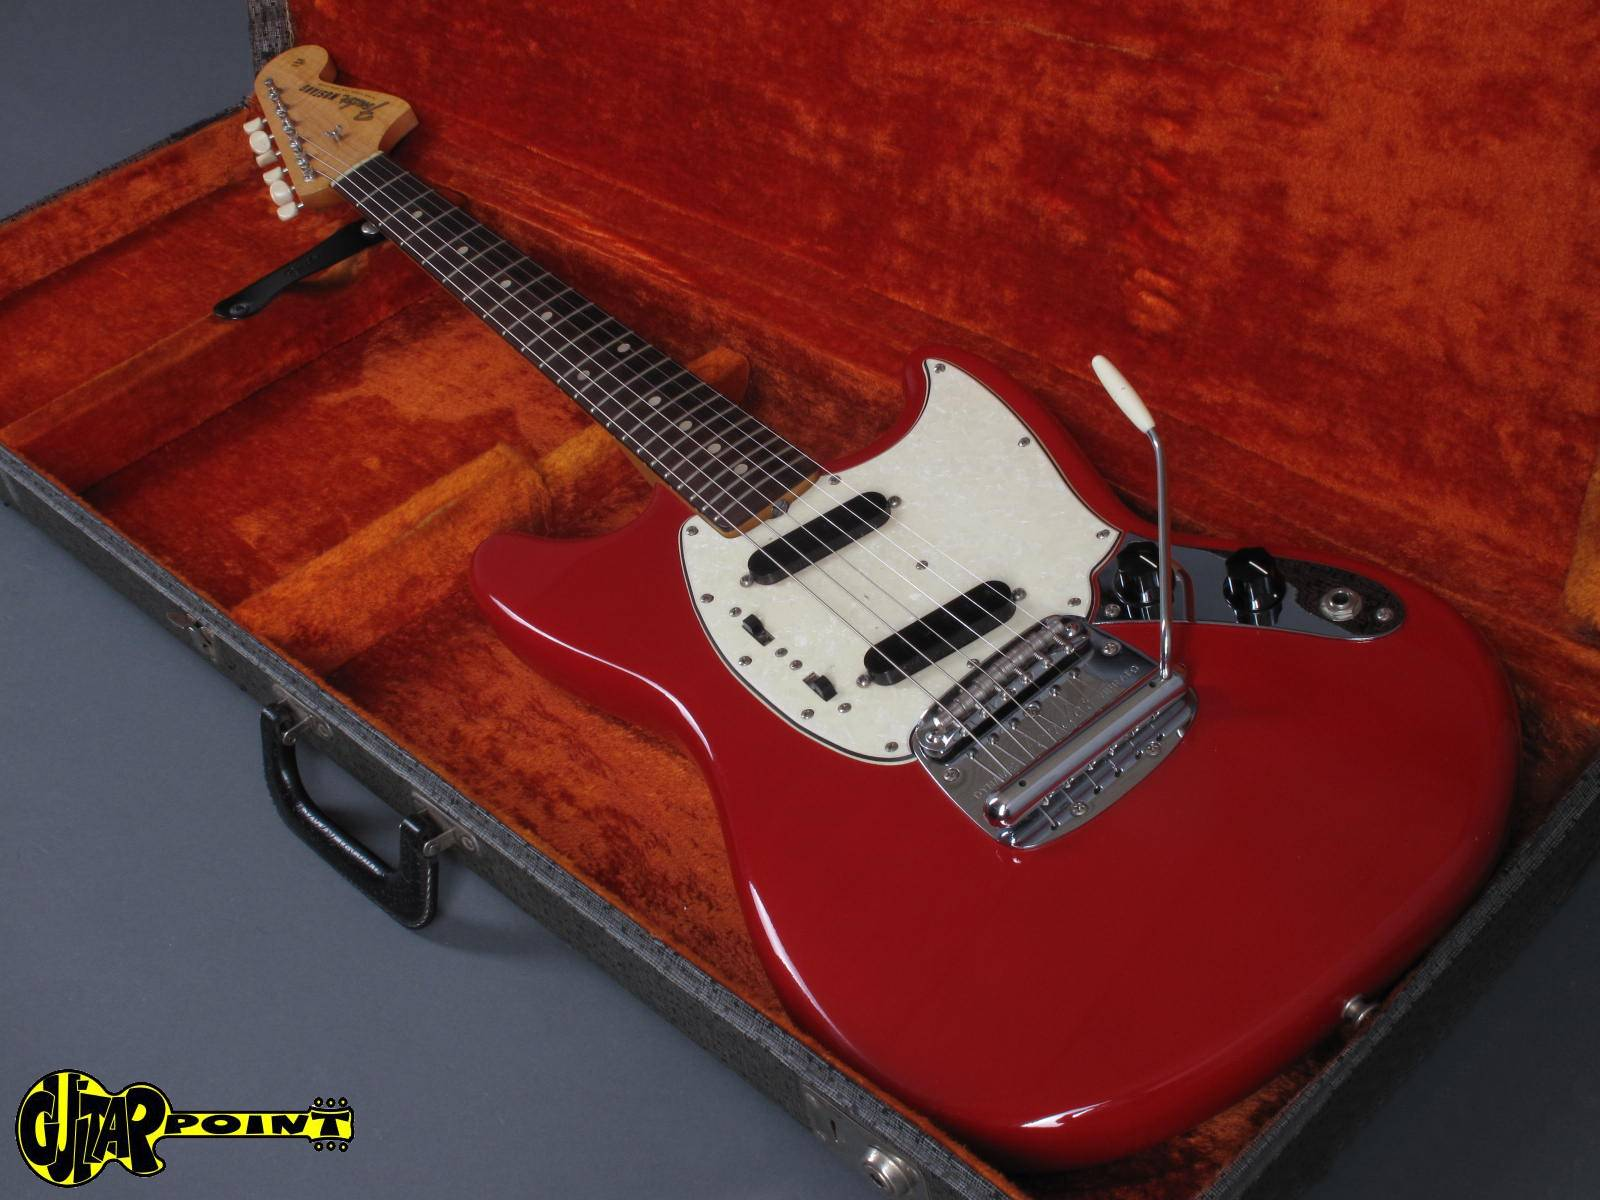 fender mustang 1965 dakota red guitar for sale guitarpoint. Black Bedroom Furniture Sets. Home Design Ideas